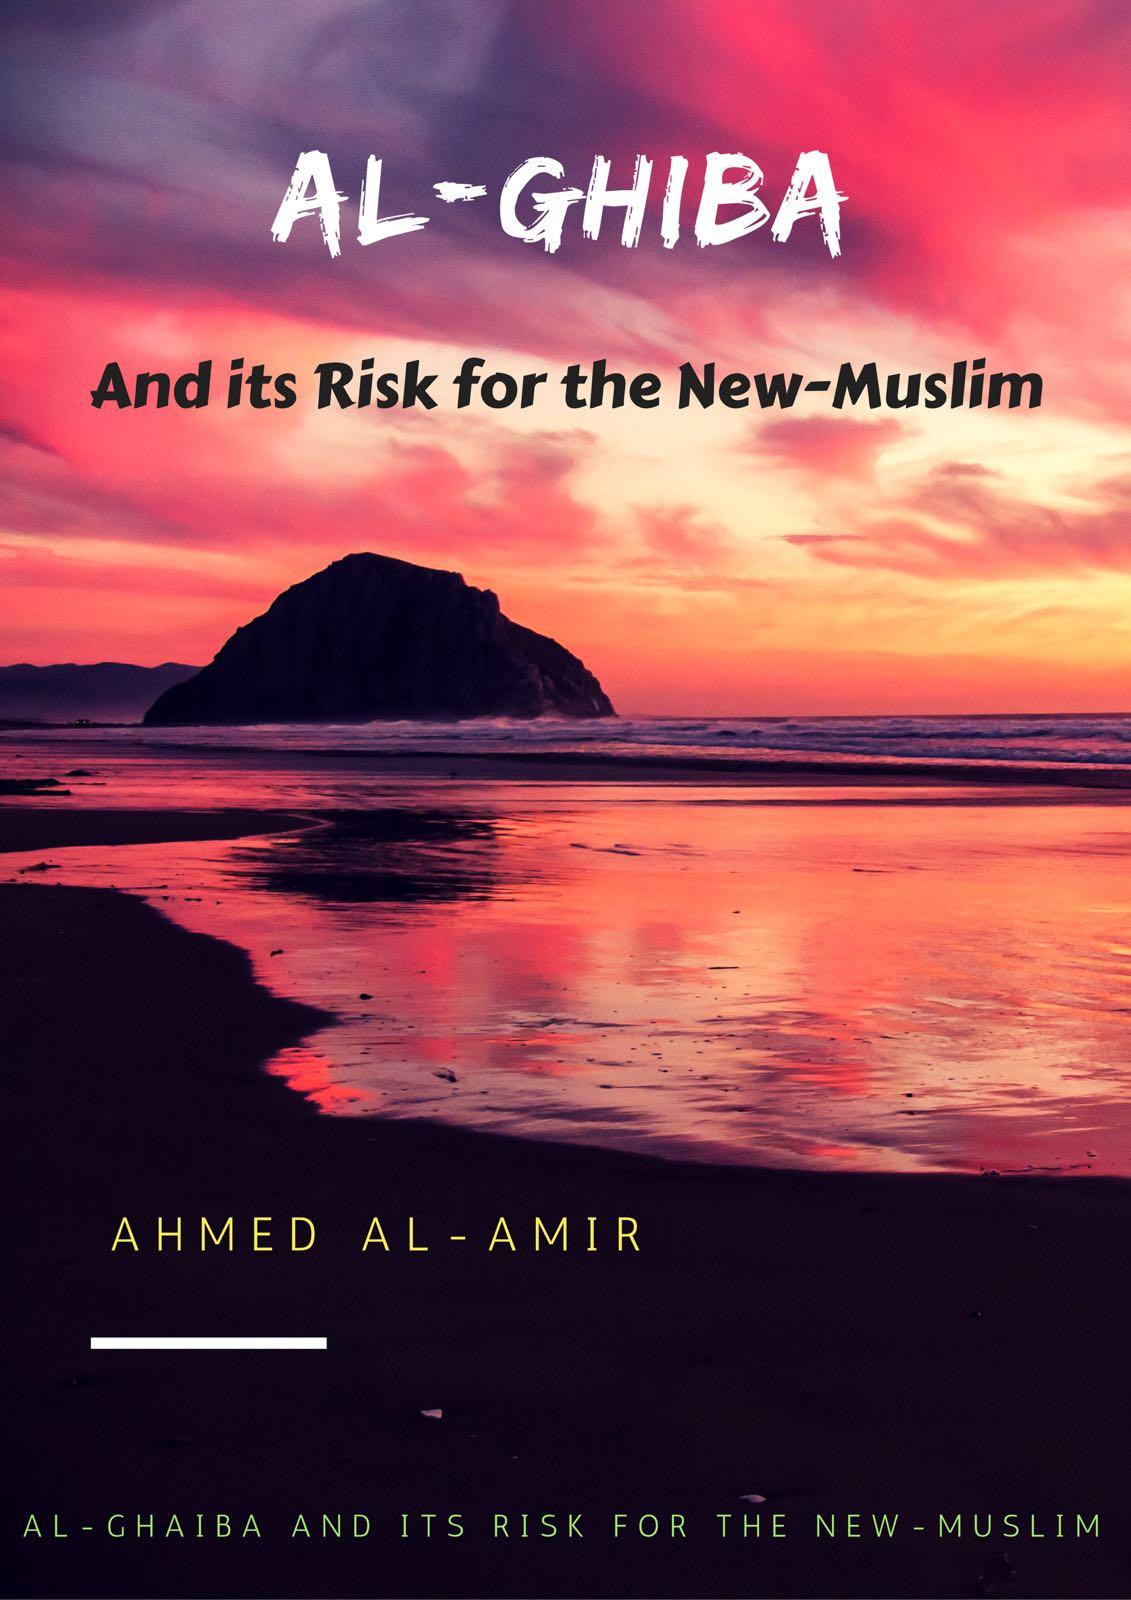 الغيبة وخطرها على المسلم الجديد